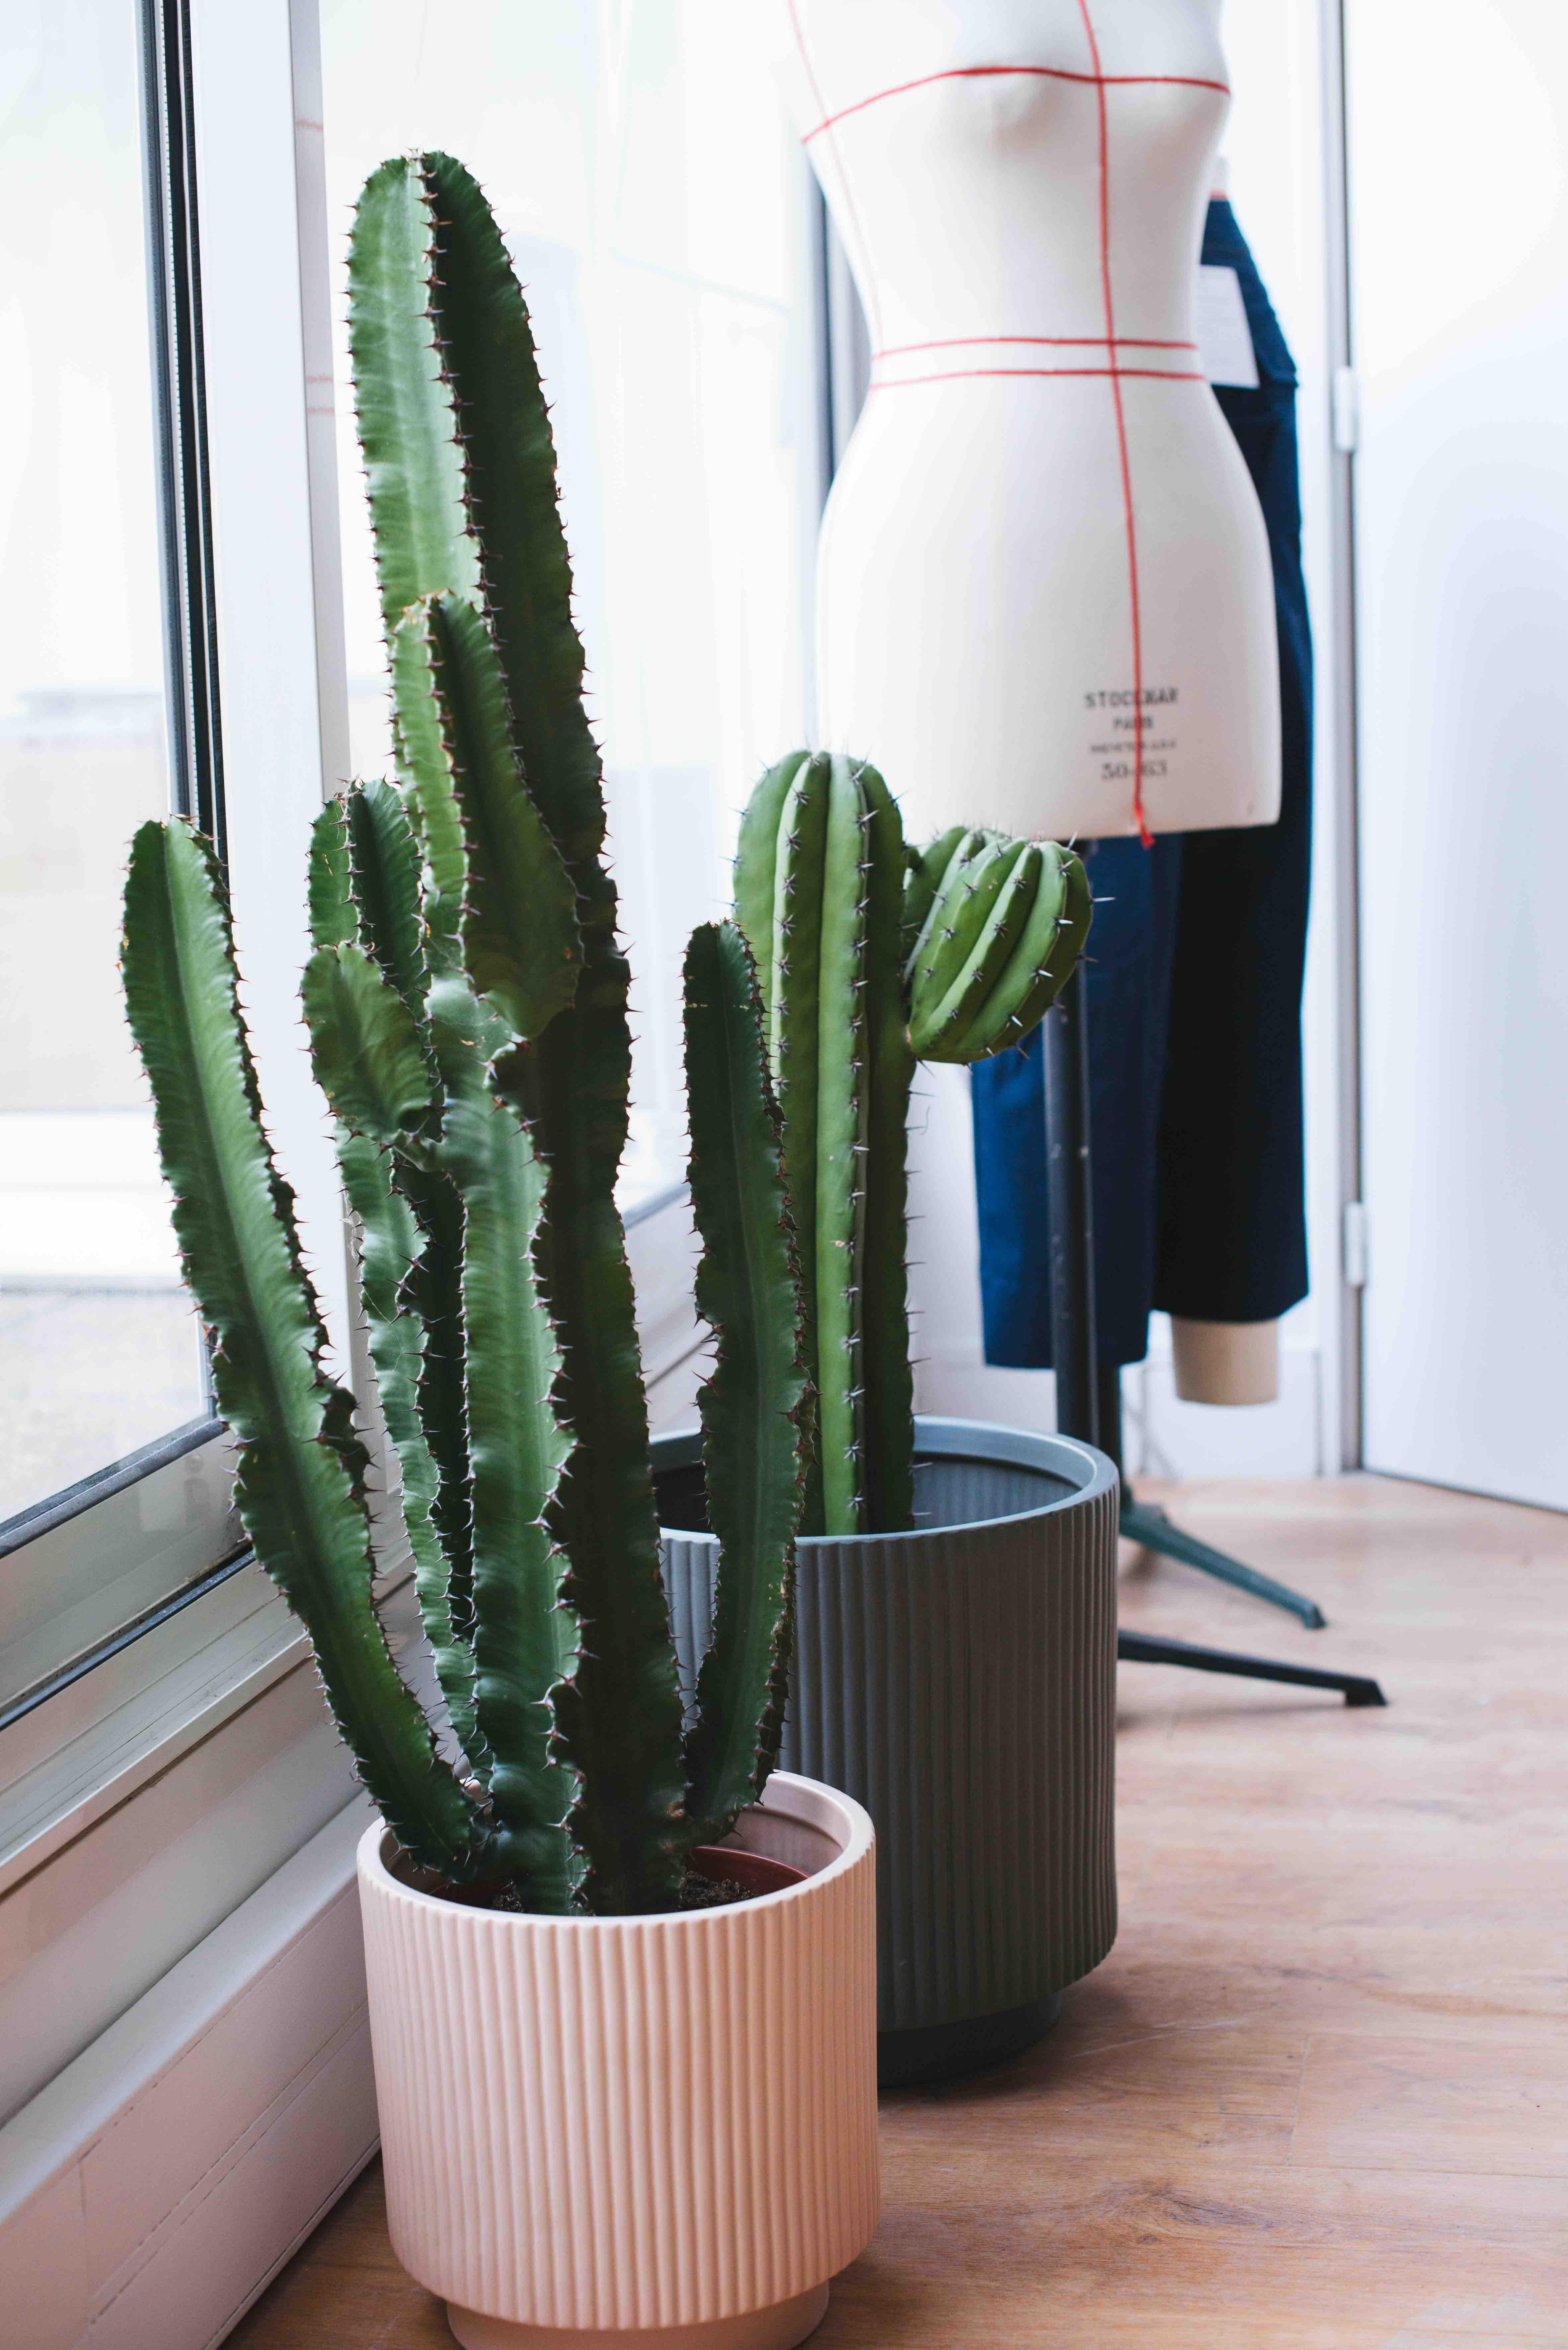 végétalisation bureau paris plantes cactus